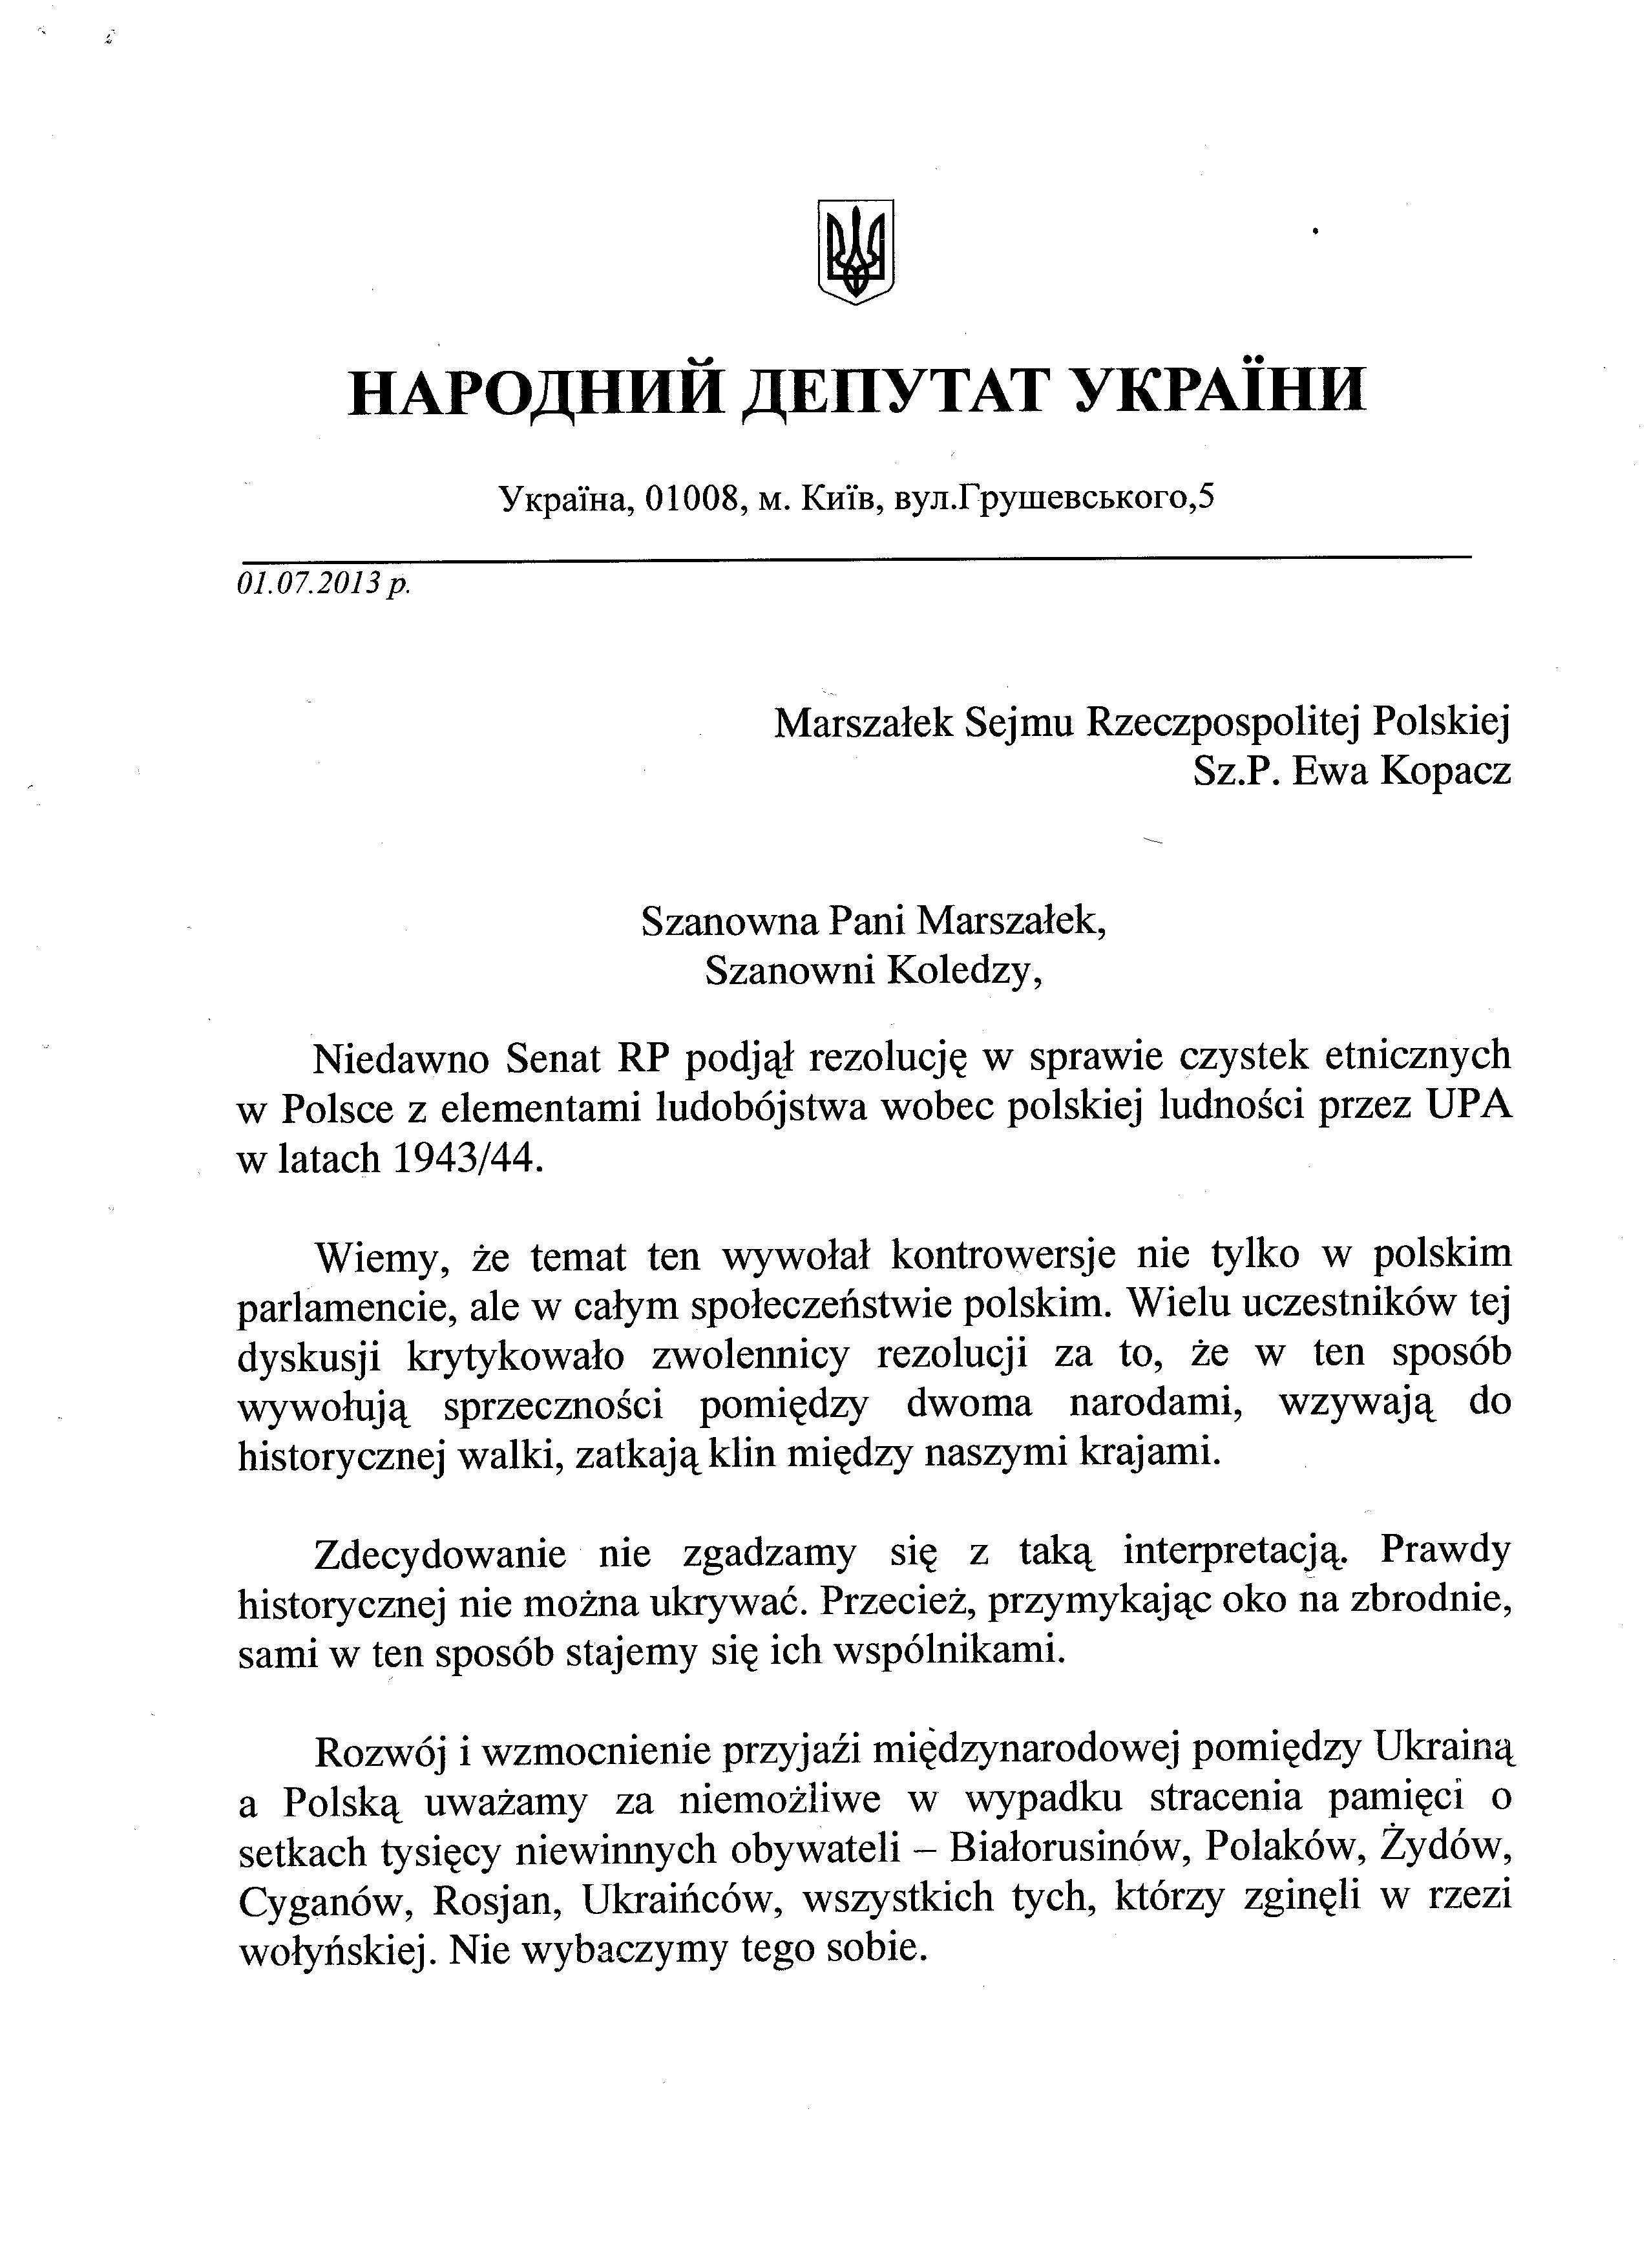 148 українських нардепів просять Сейм РП визнати Волинську трагедію геноцидом поляків. Документ